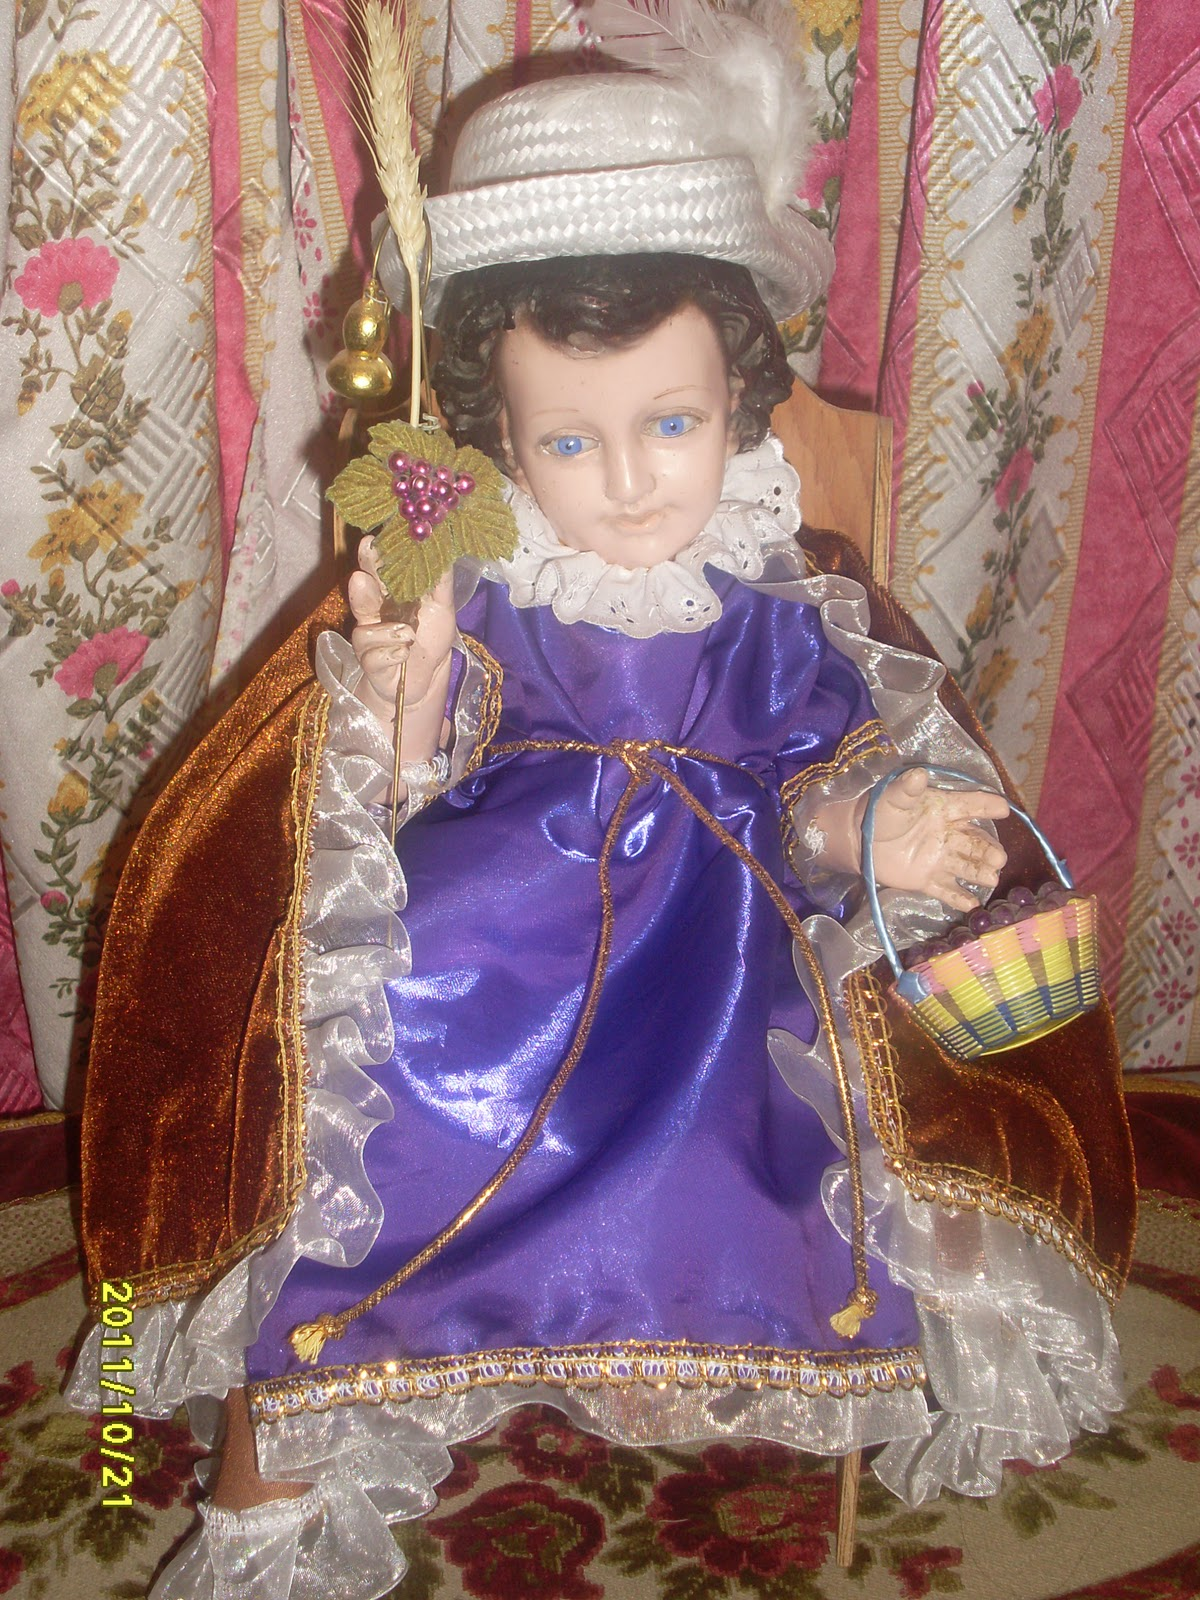 Creaciones originales para Niño Dios Sta. Matildita: enero 2012